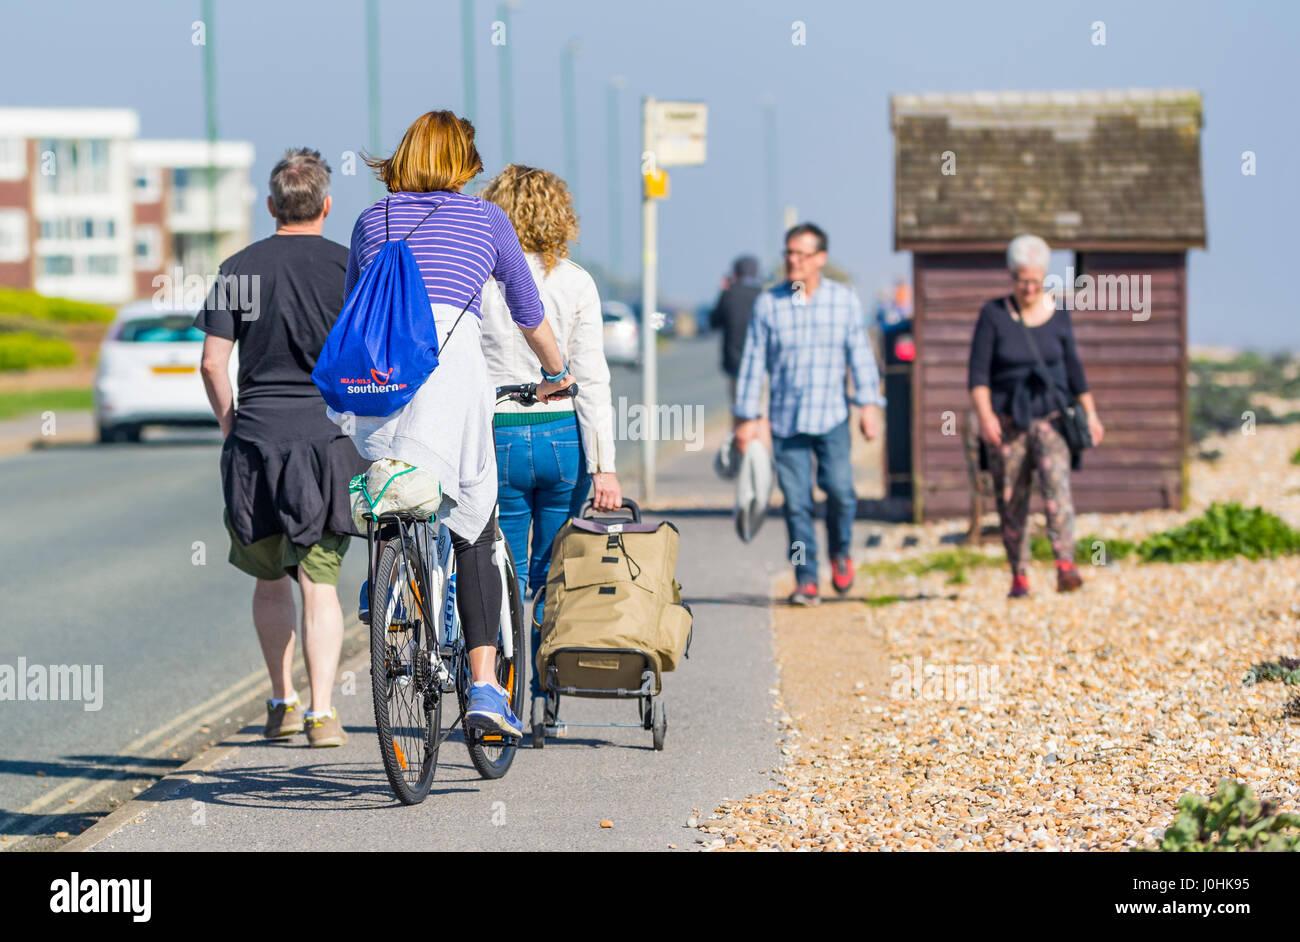 Ciclista en una acera está bloqueado por la gente caminando. Imagen De Stock